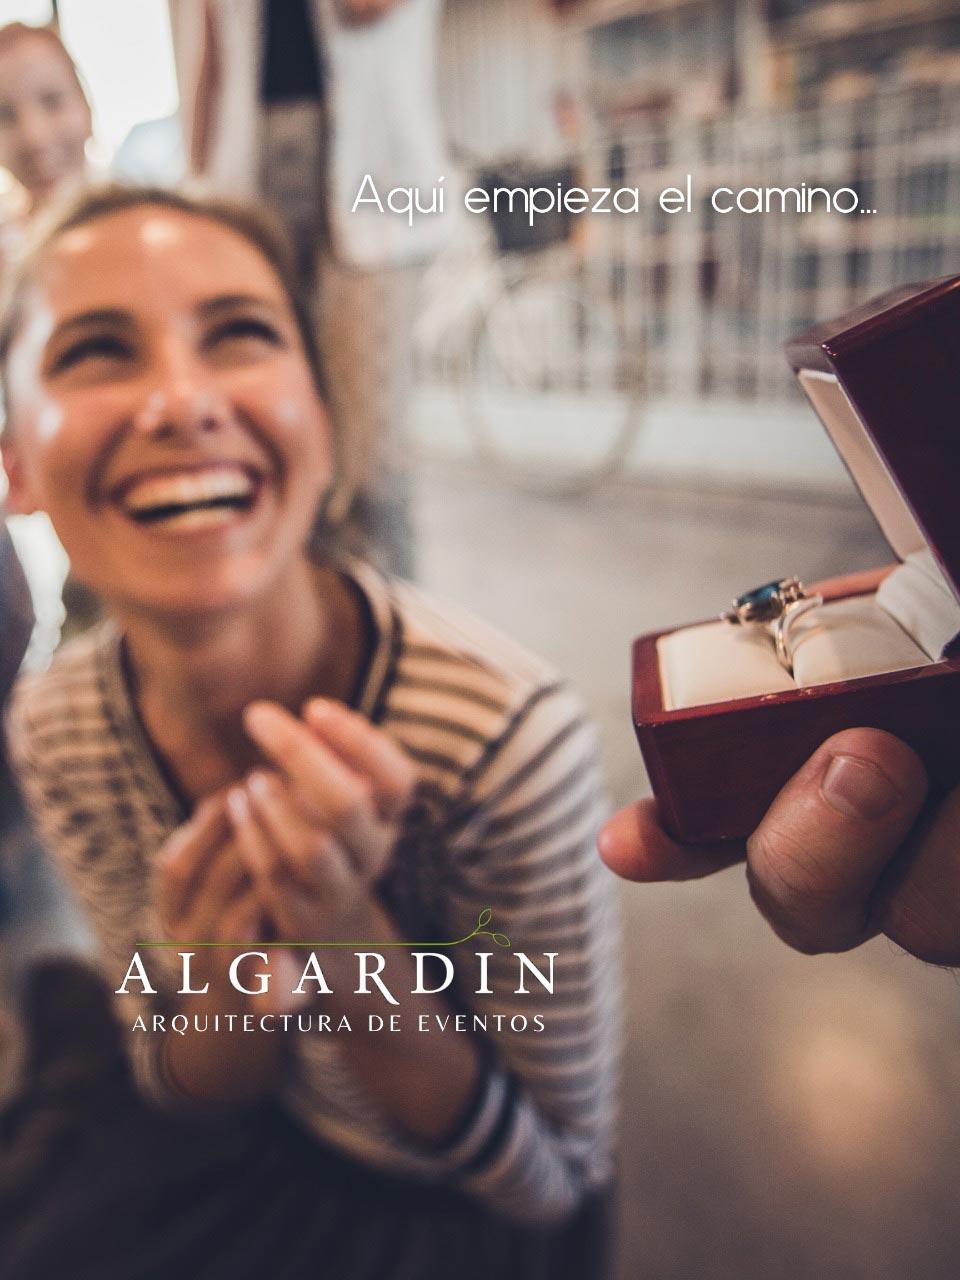 algardin-3